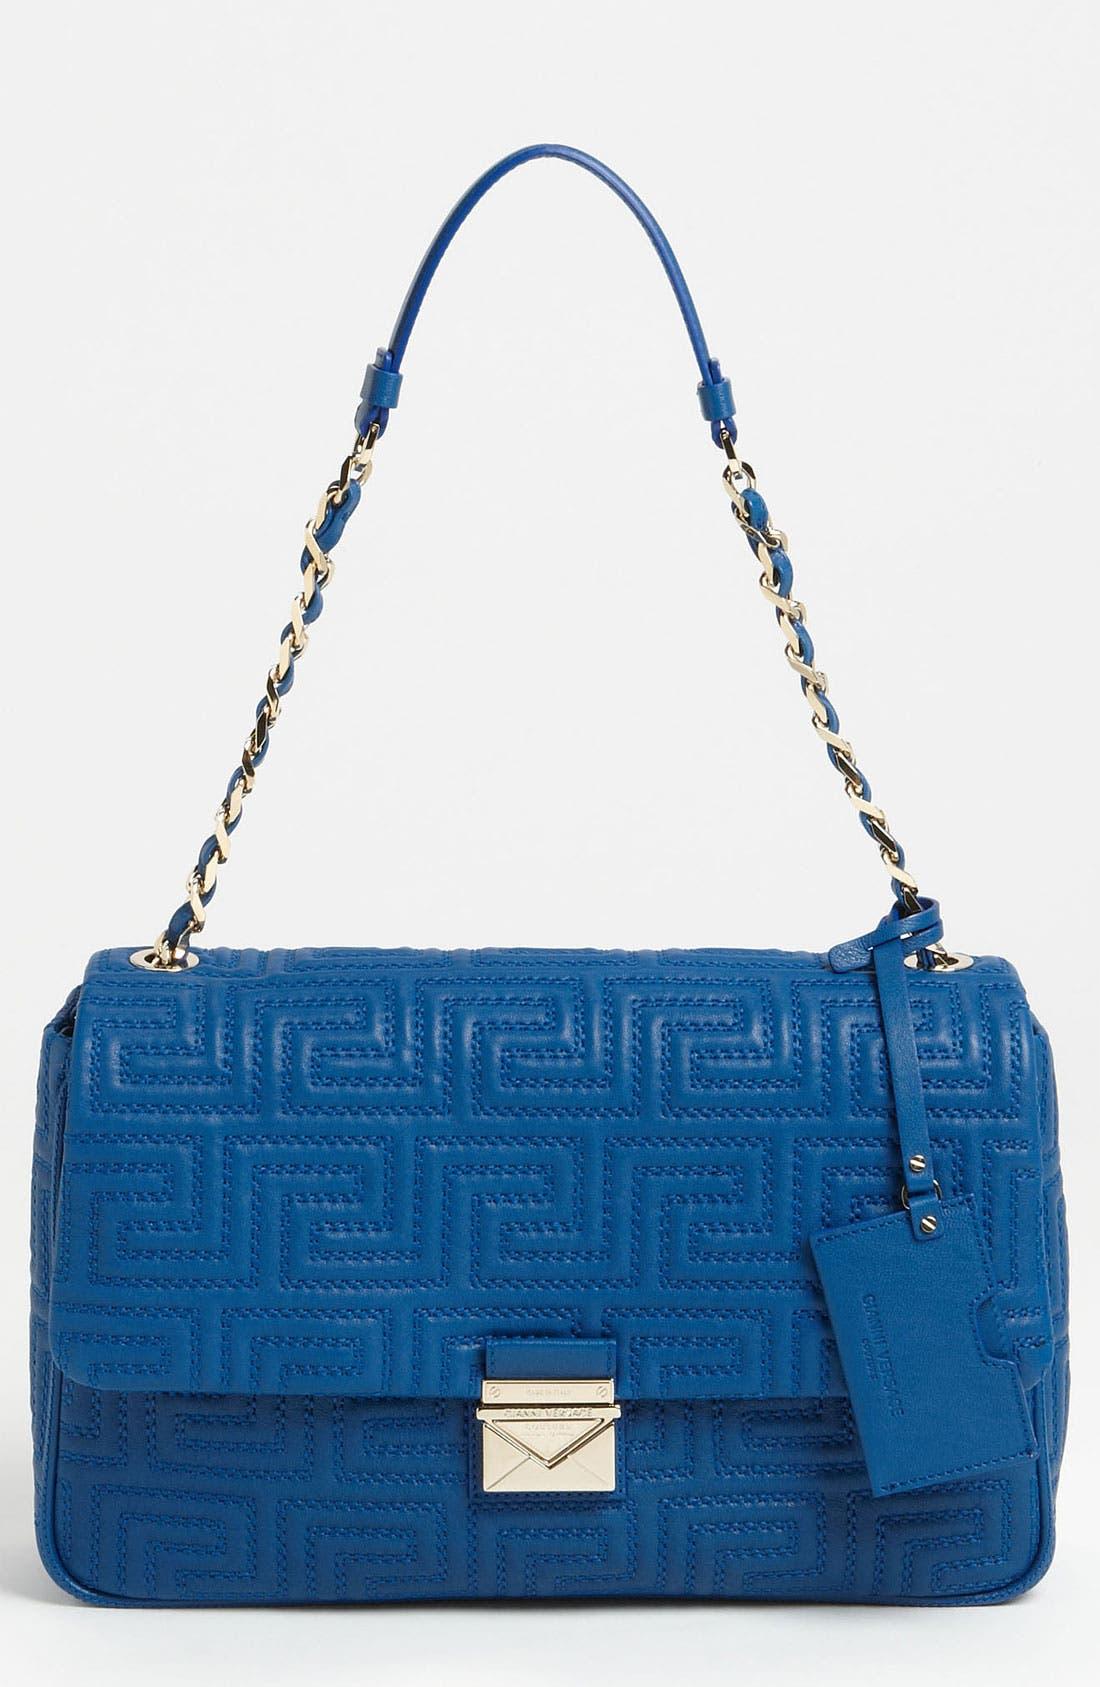 Alternate Image 1 Selected - Versace Leather Shoulder Bag